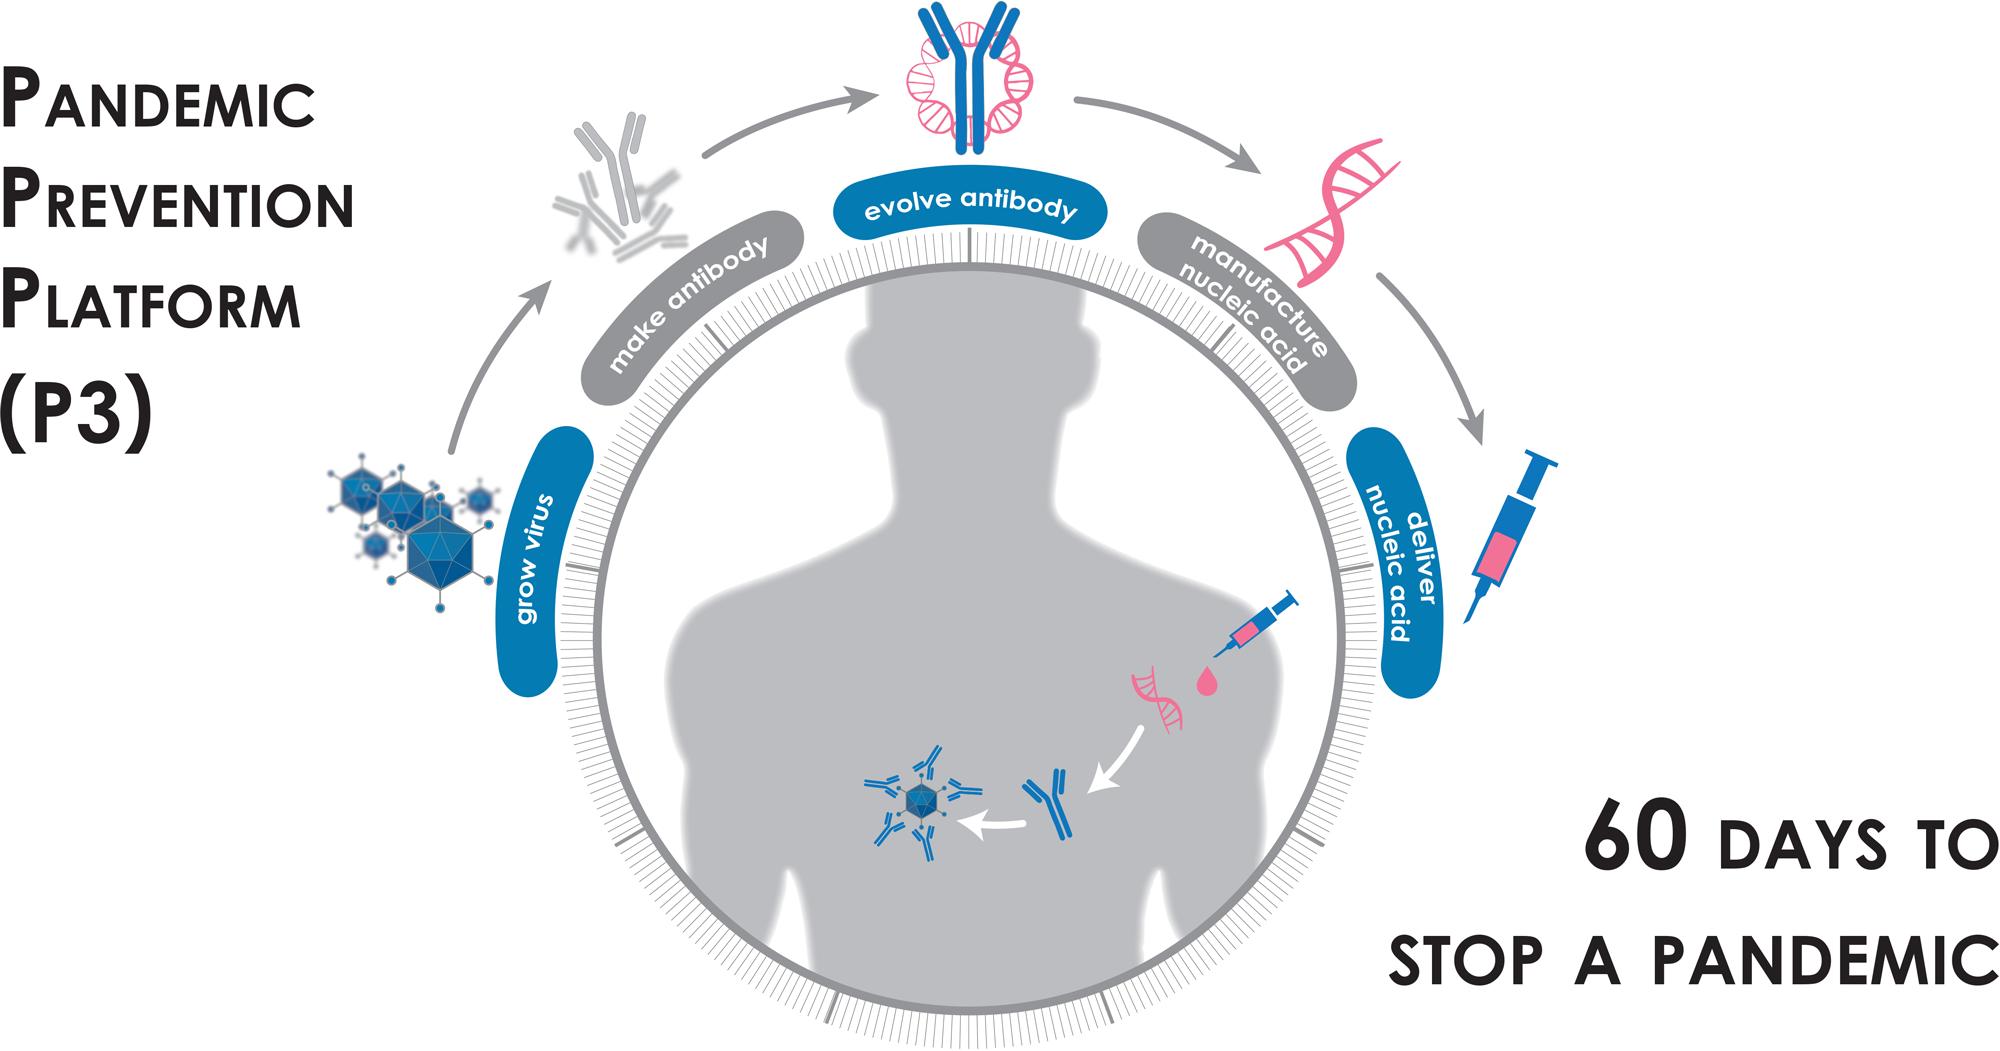 pandemic prevention platform p3 - Новый коронавирус SARS-CoV-2: все лекарства и вакцины против инфекции COVID-19. Самый полный и подробный обзор в мире